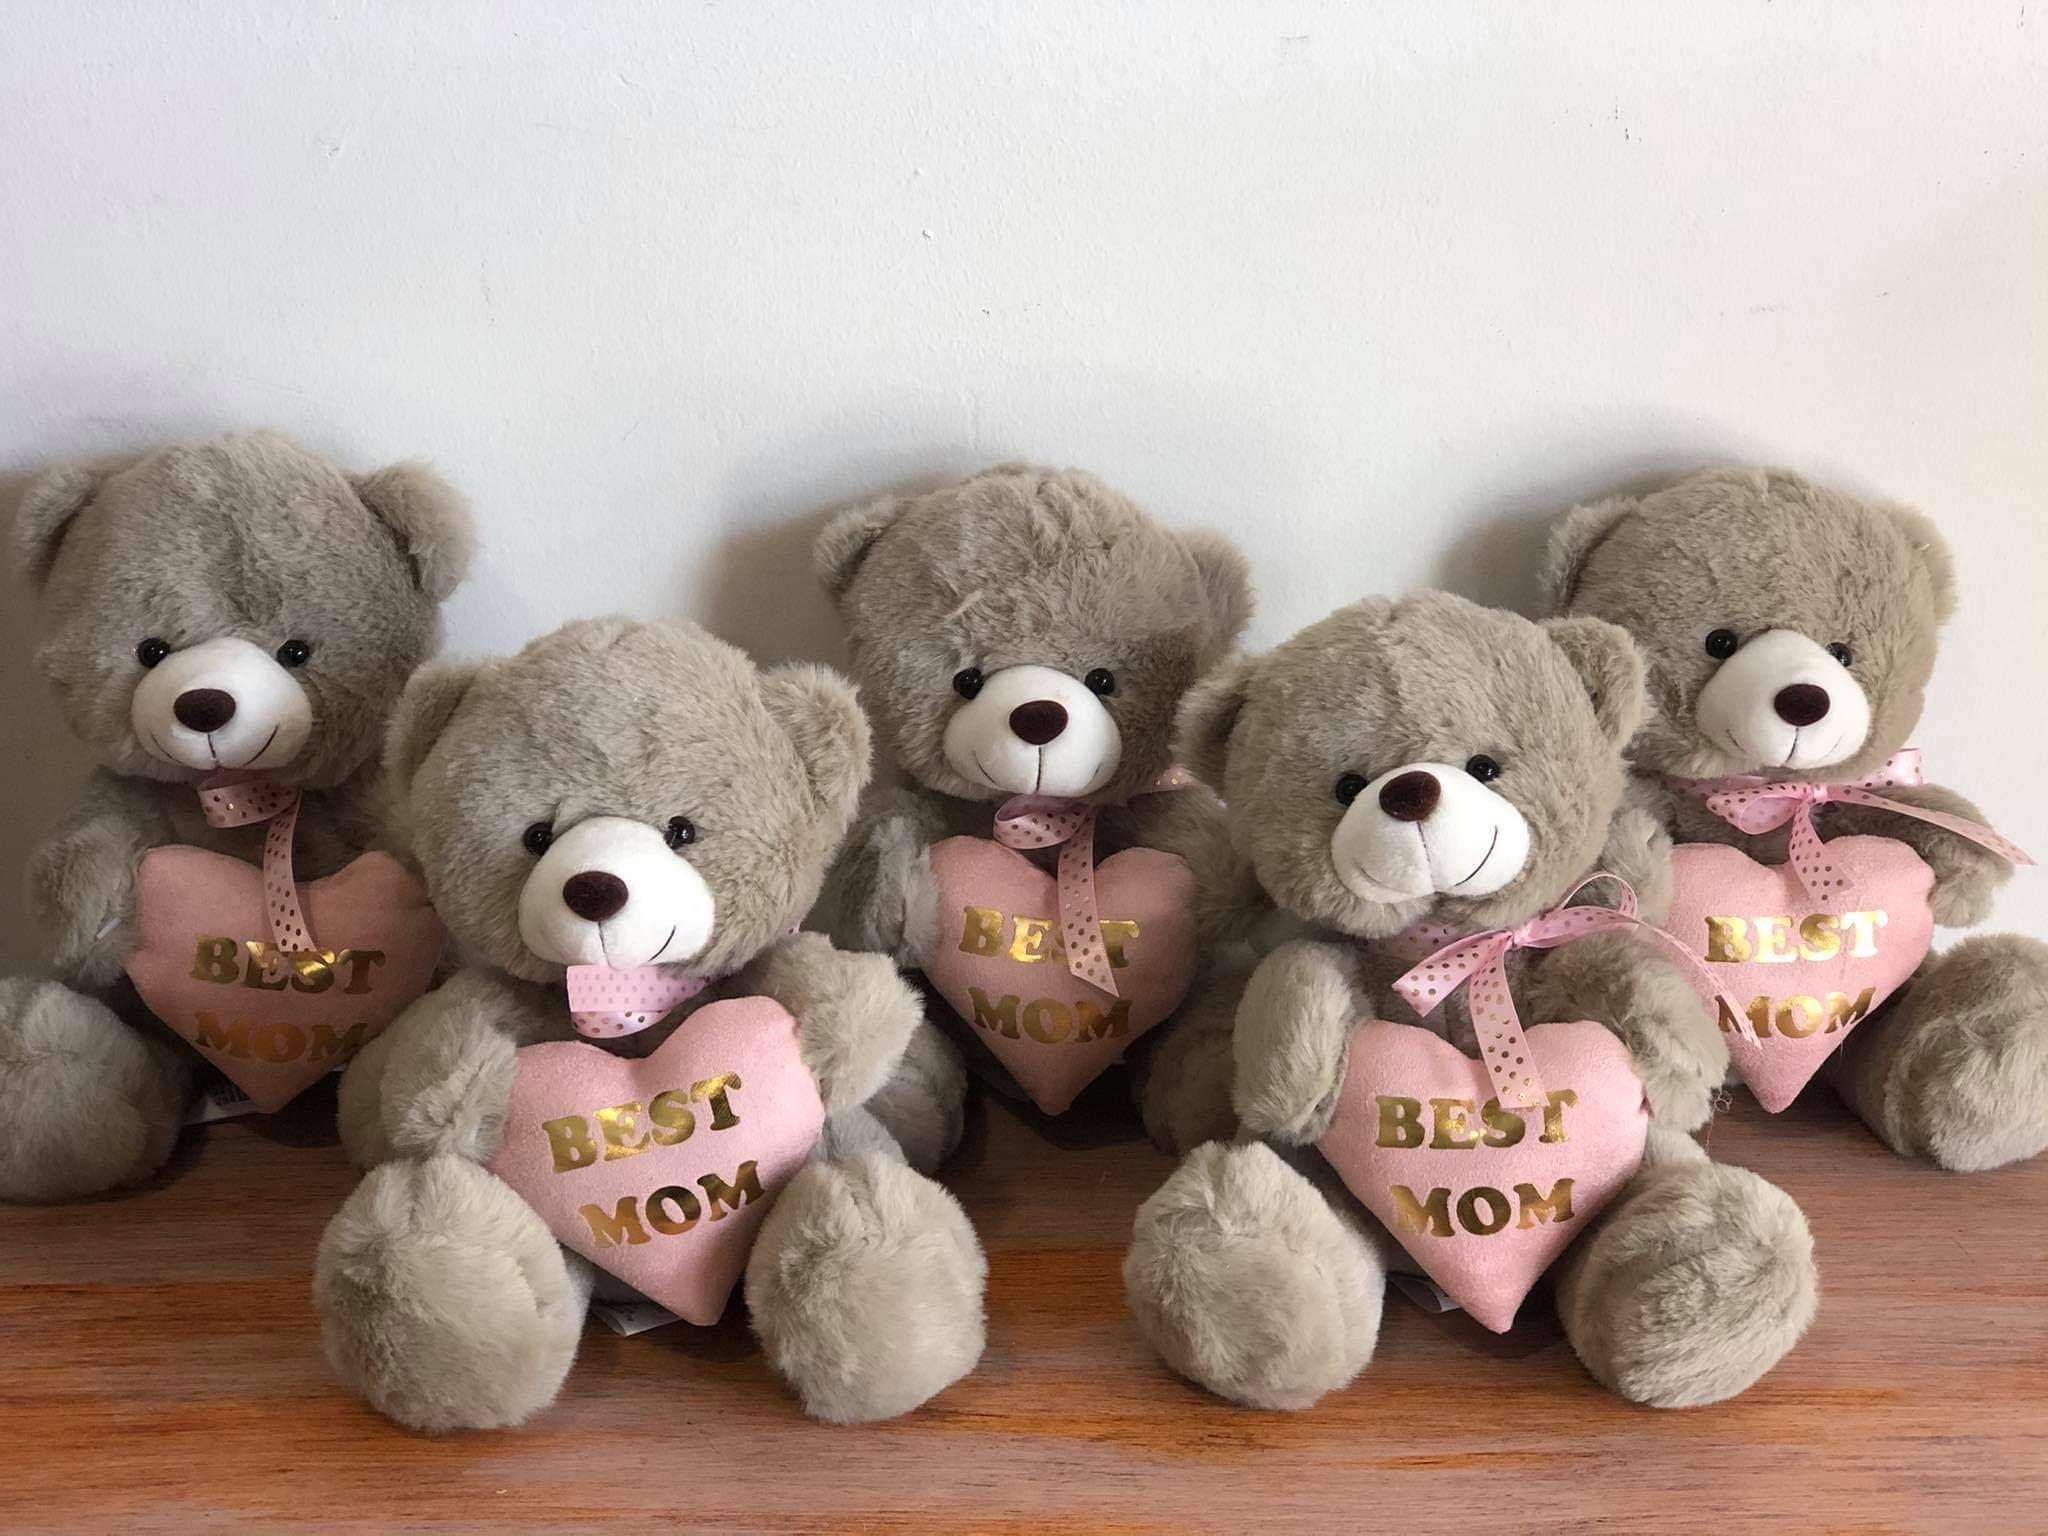 Best MOM - fluffy teddy 20cm